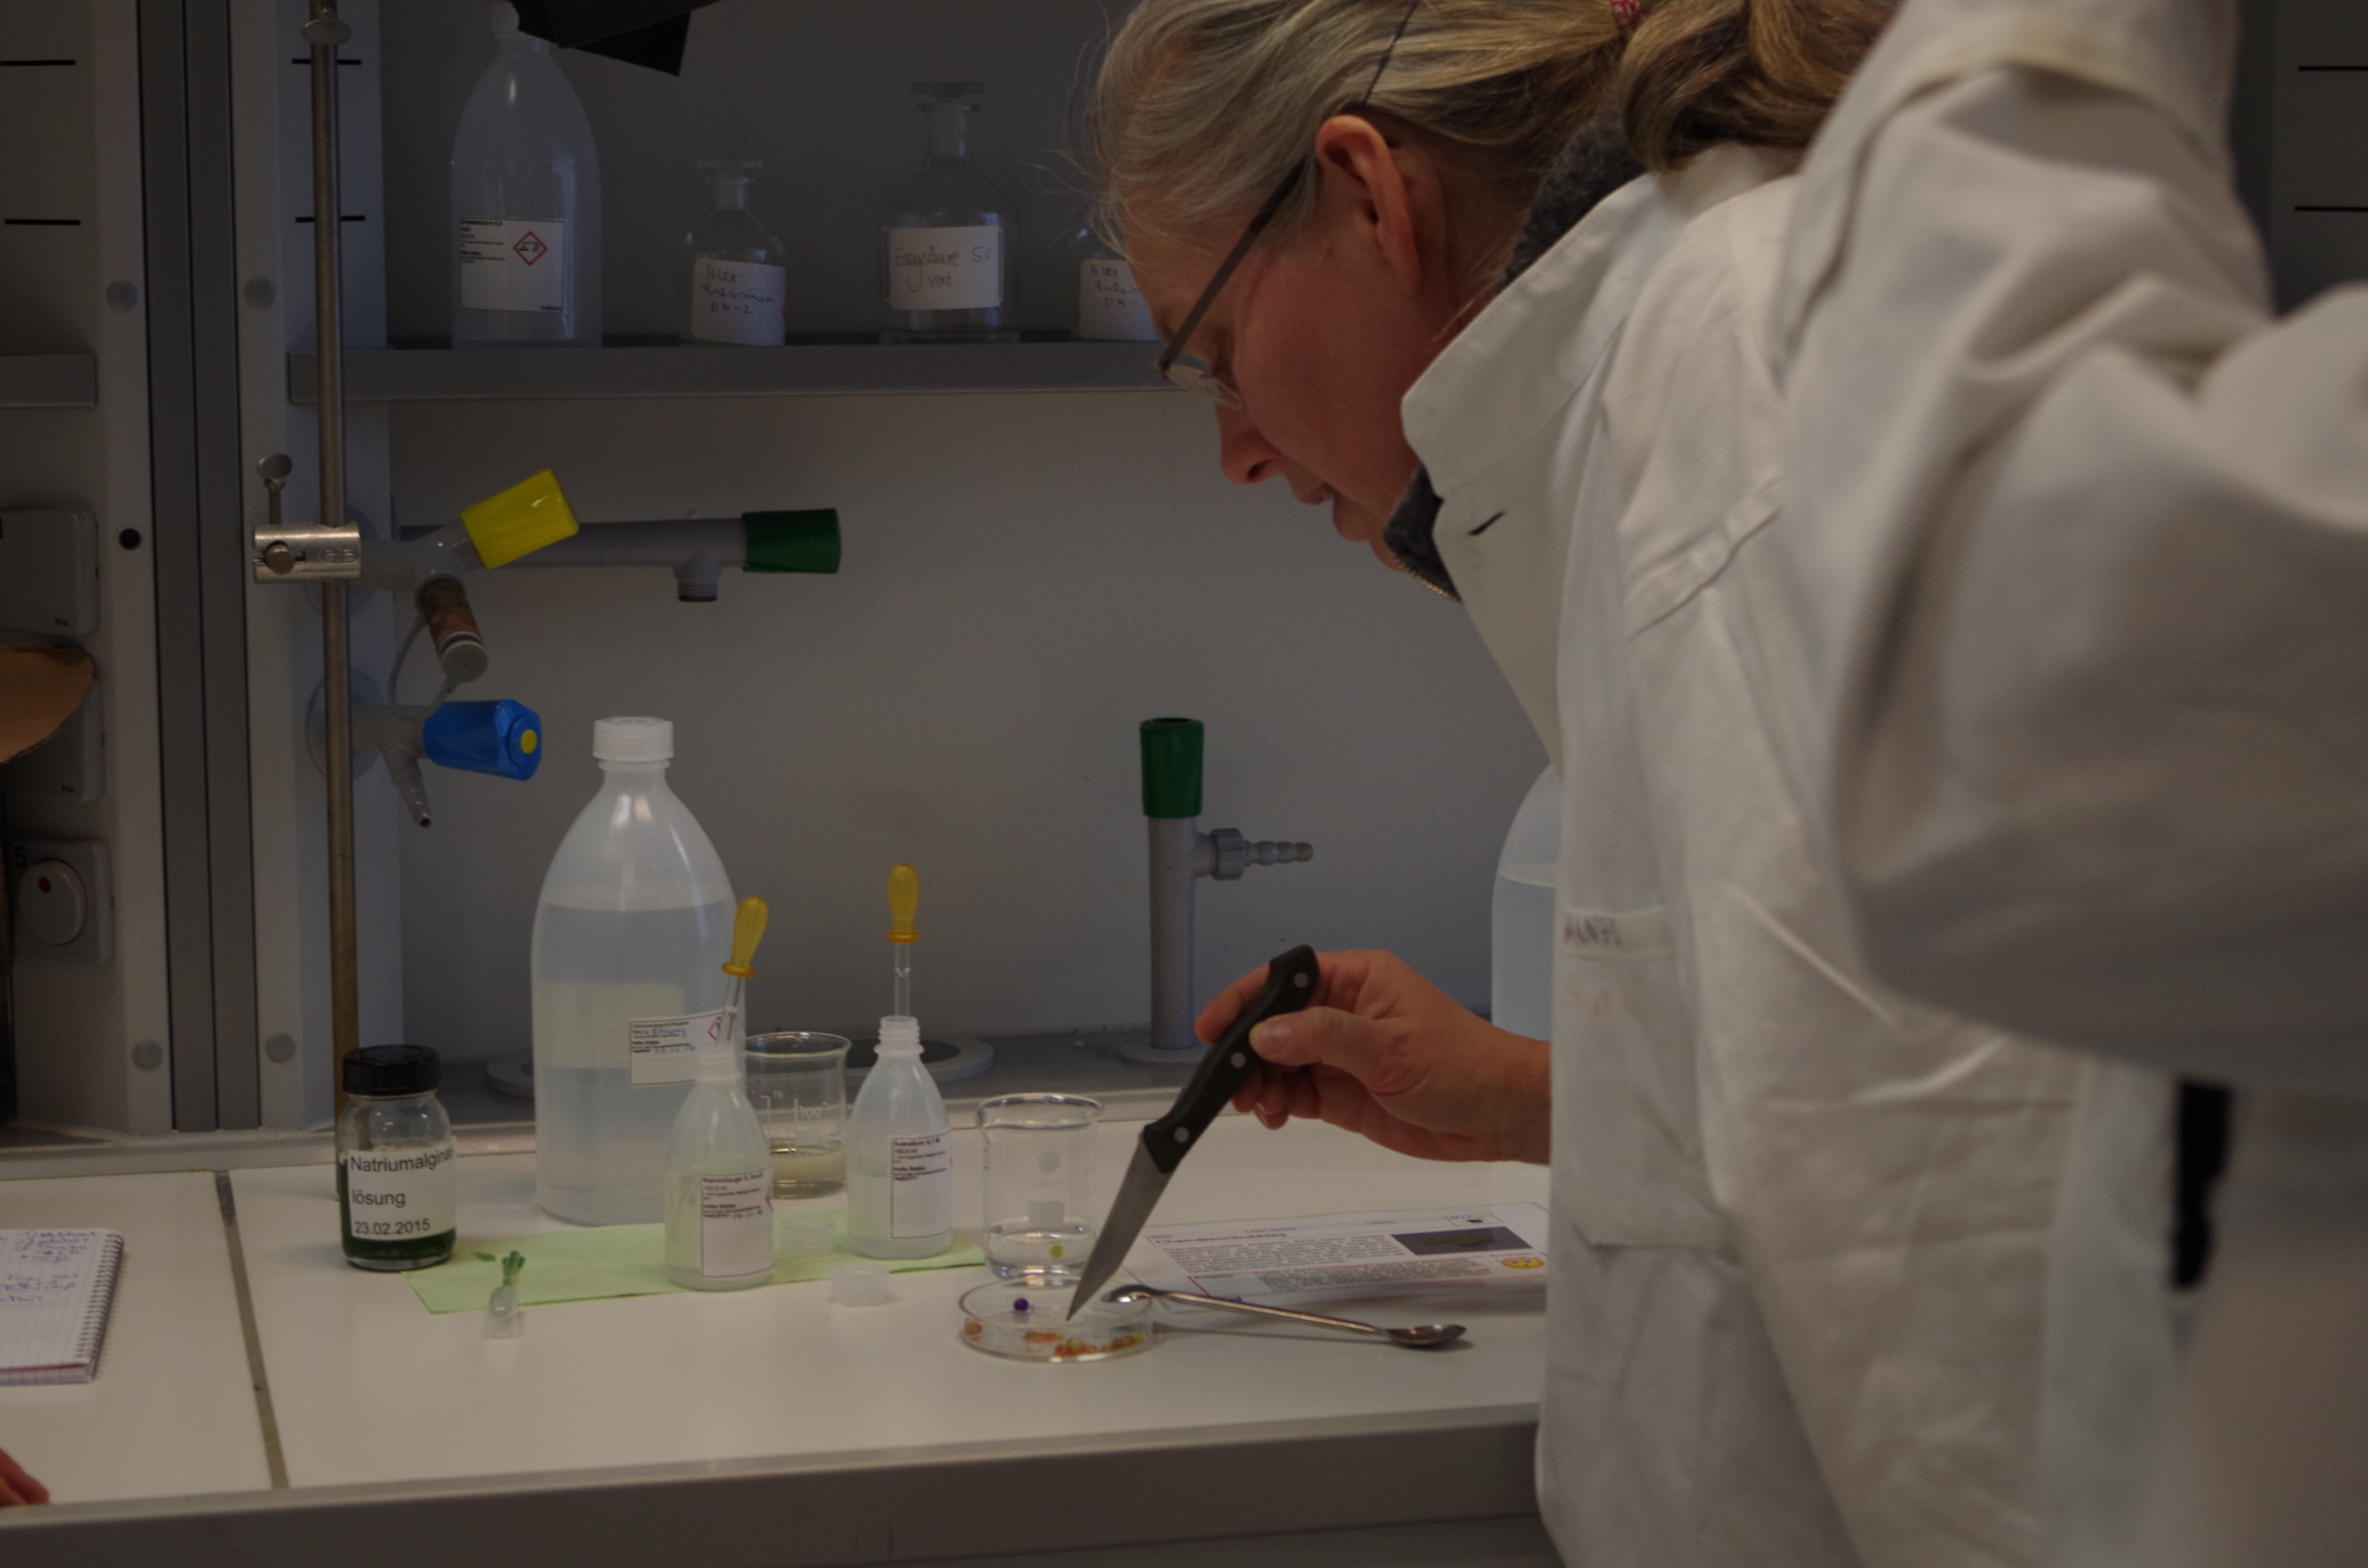 Eine Frau berührt mit einer Messerspitze den Inhalt eines Petriglases und trägt einen weißen Laborkittel dabei.